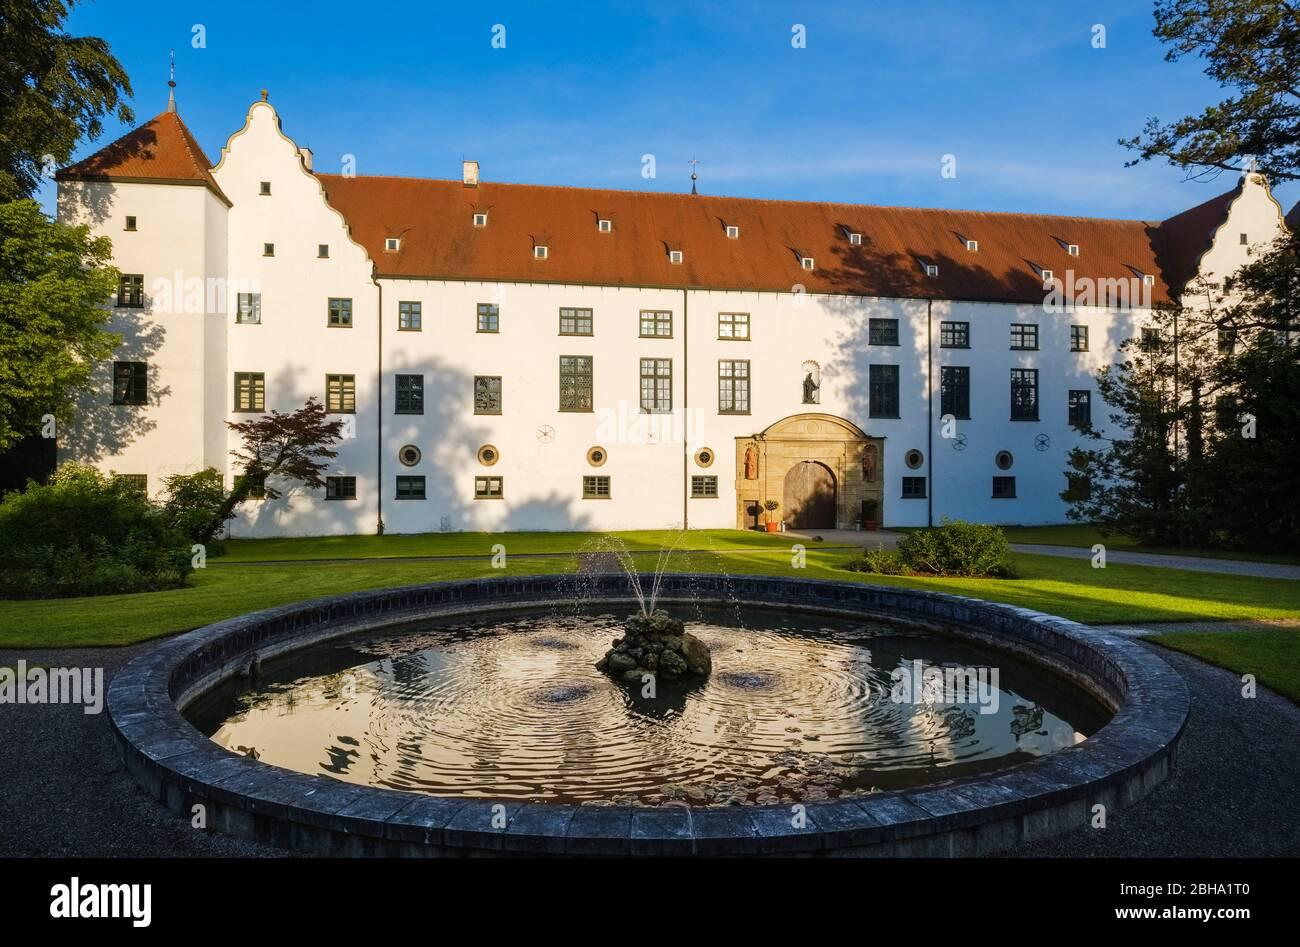 Fuggers castle Kirchheim in Swabia, Lower Allgaeu, Swabia, Bavaria, Germany Stock Photo